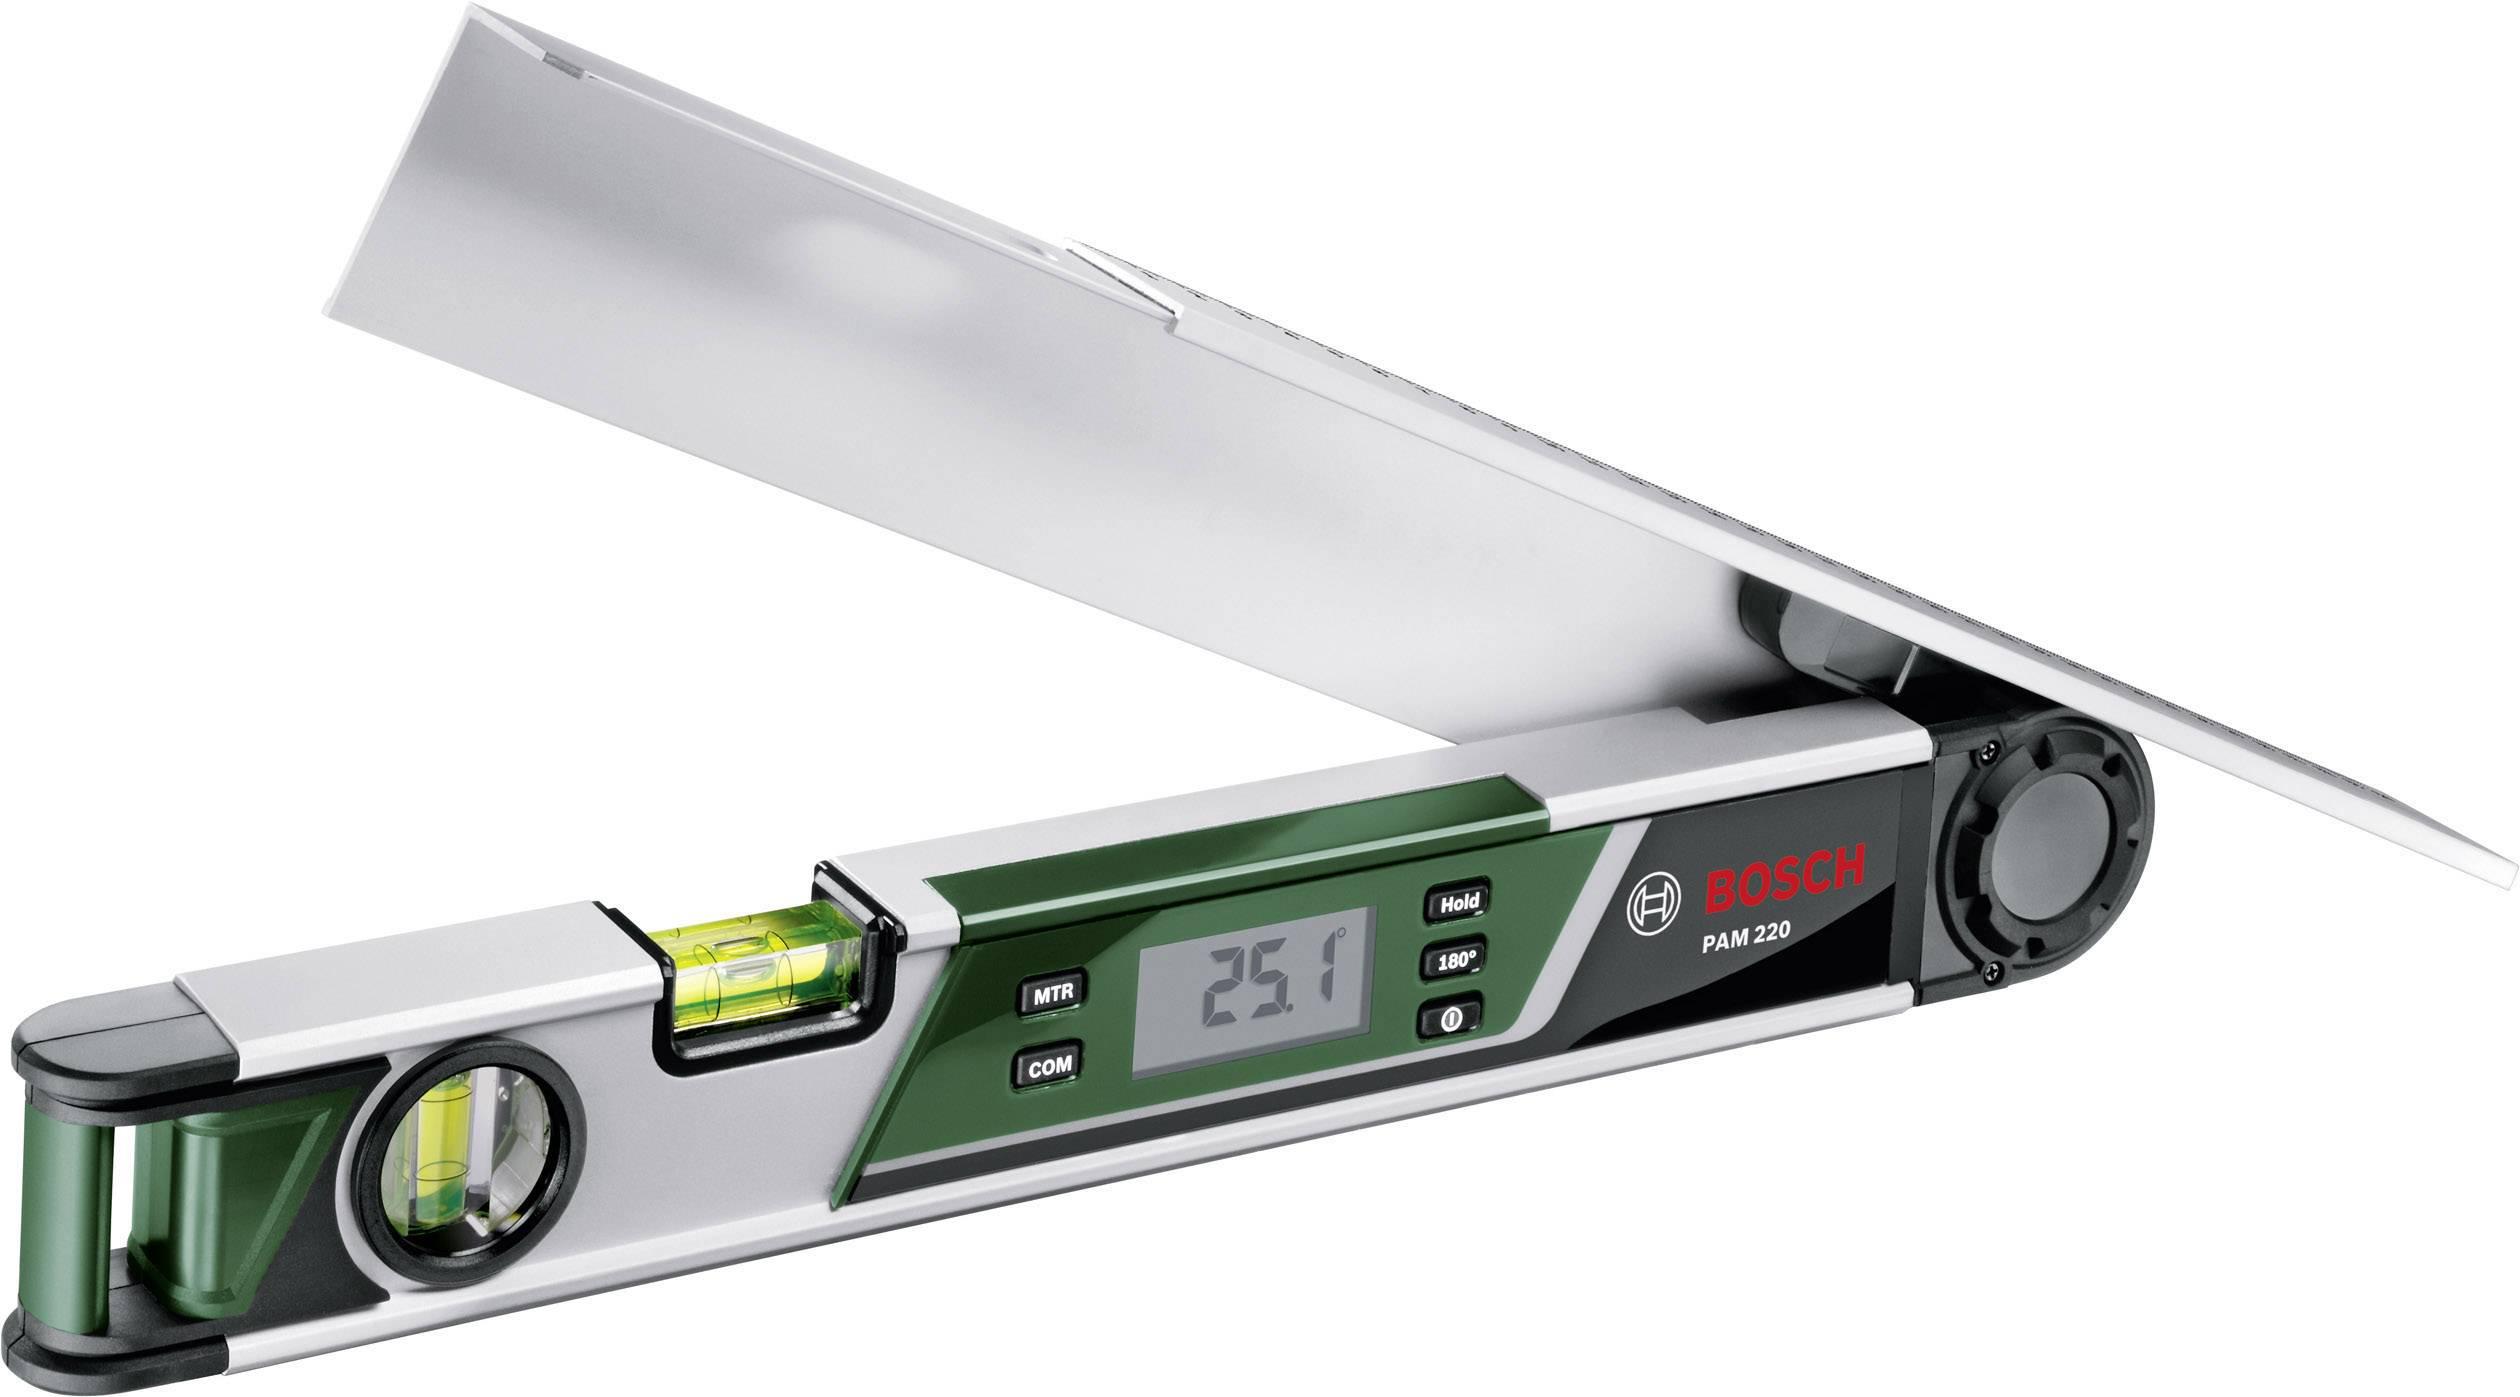 Digitální úhloměr Bosch PAM 220, 0 - 220 °